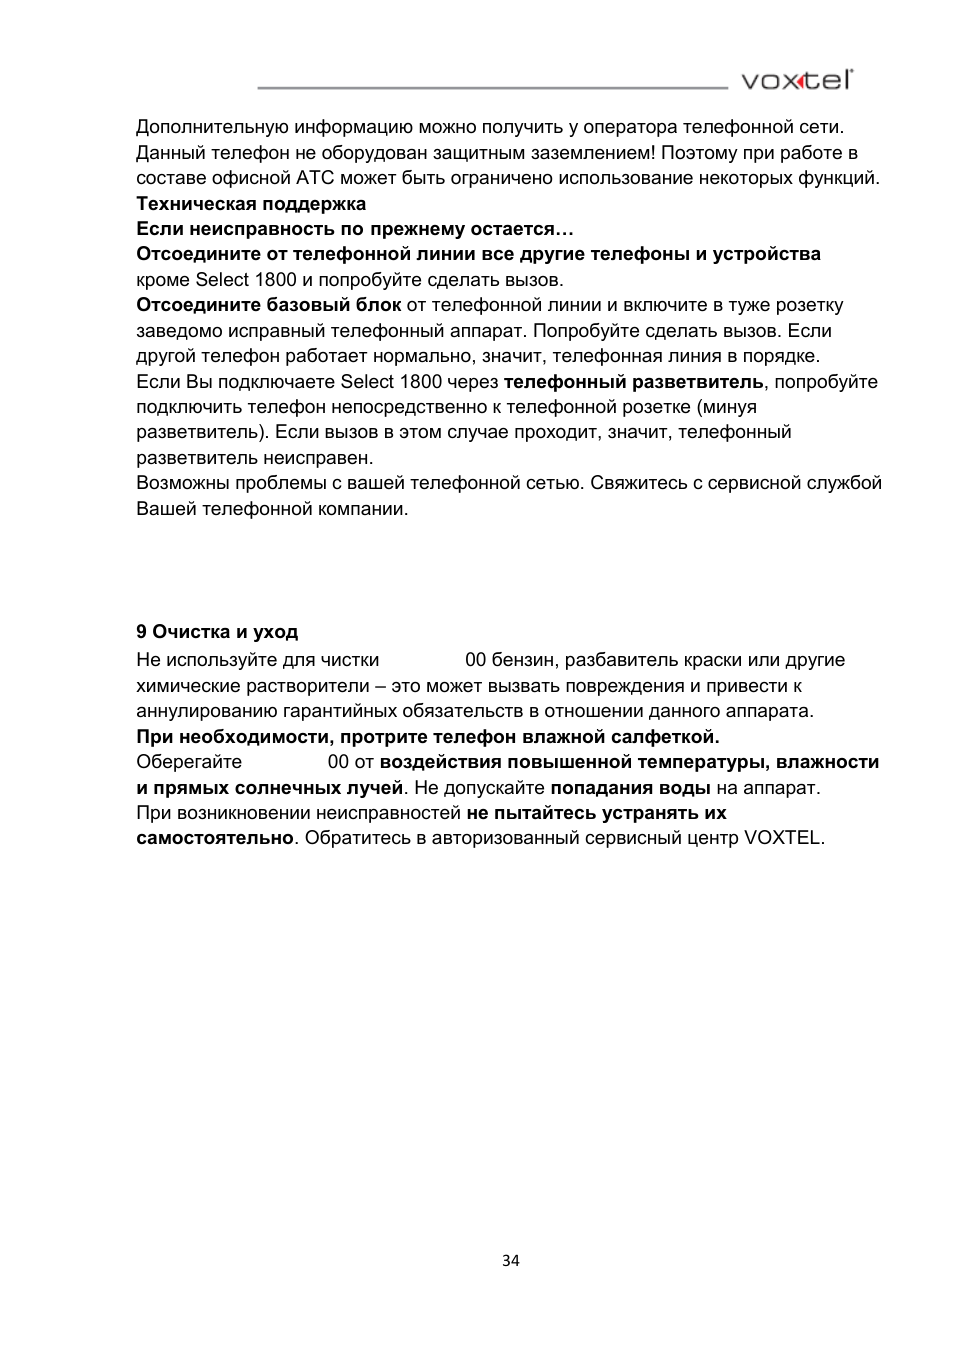 инструкция по использованию телефона voxtel select1800